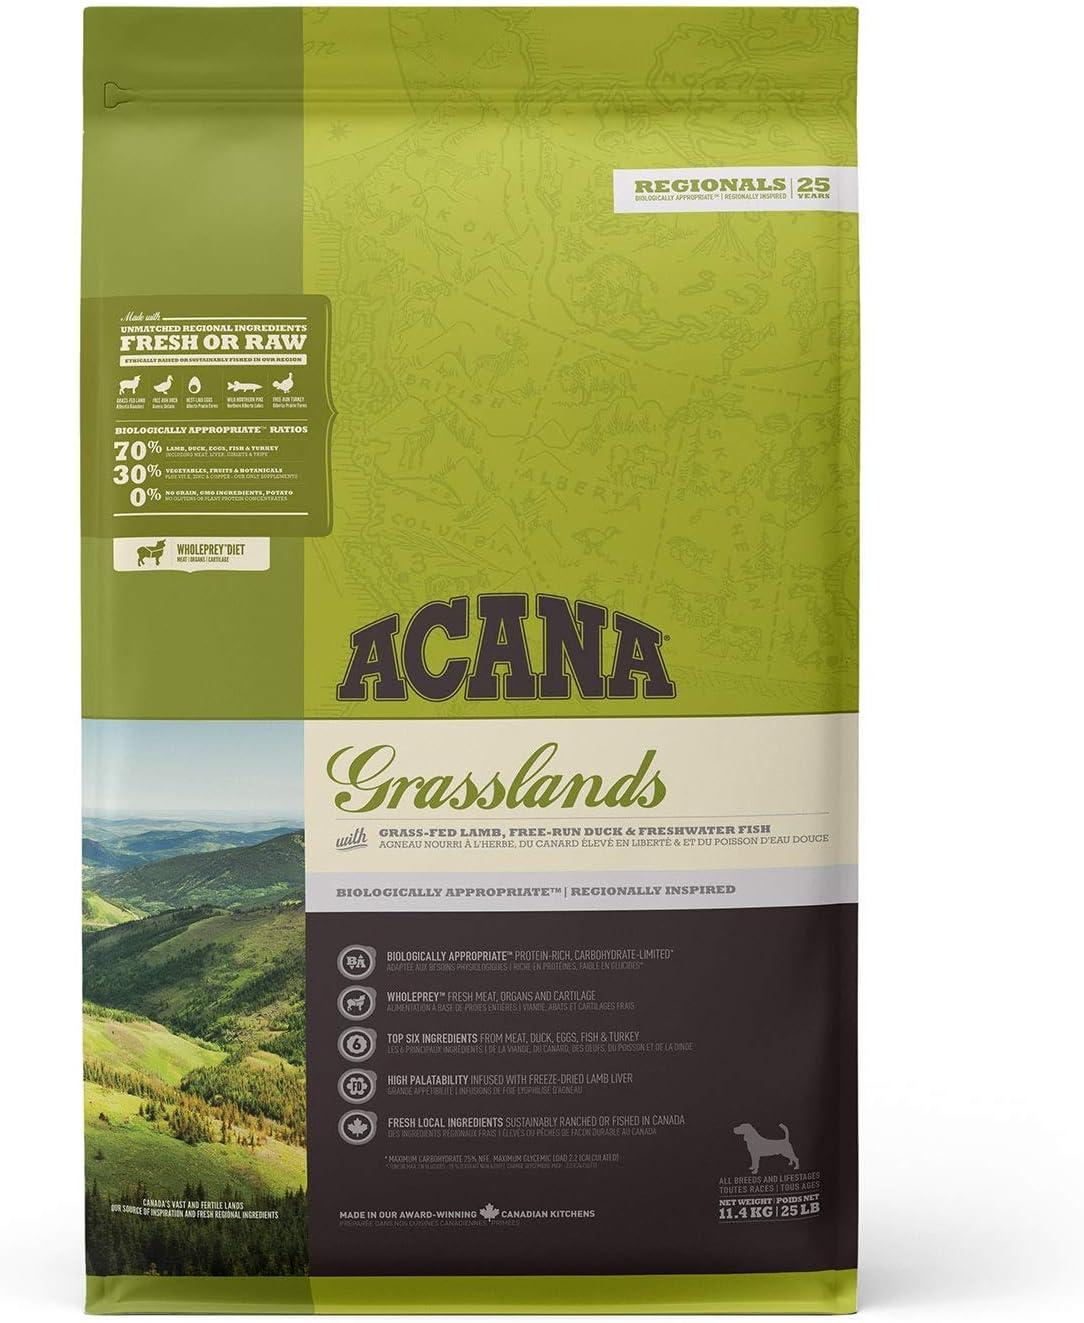 ACANA Grasslands Comida para Perros - 11400 gr